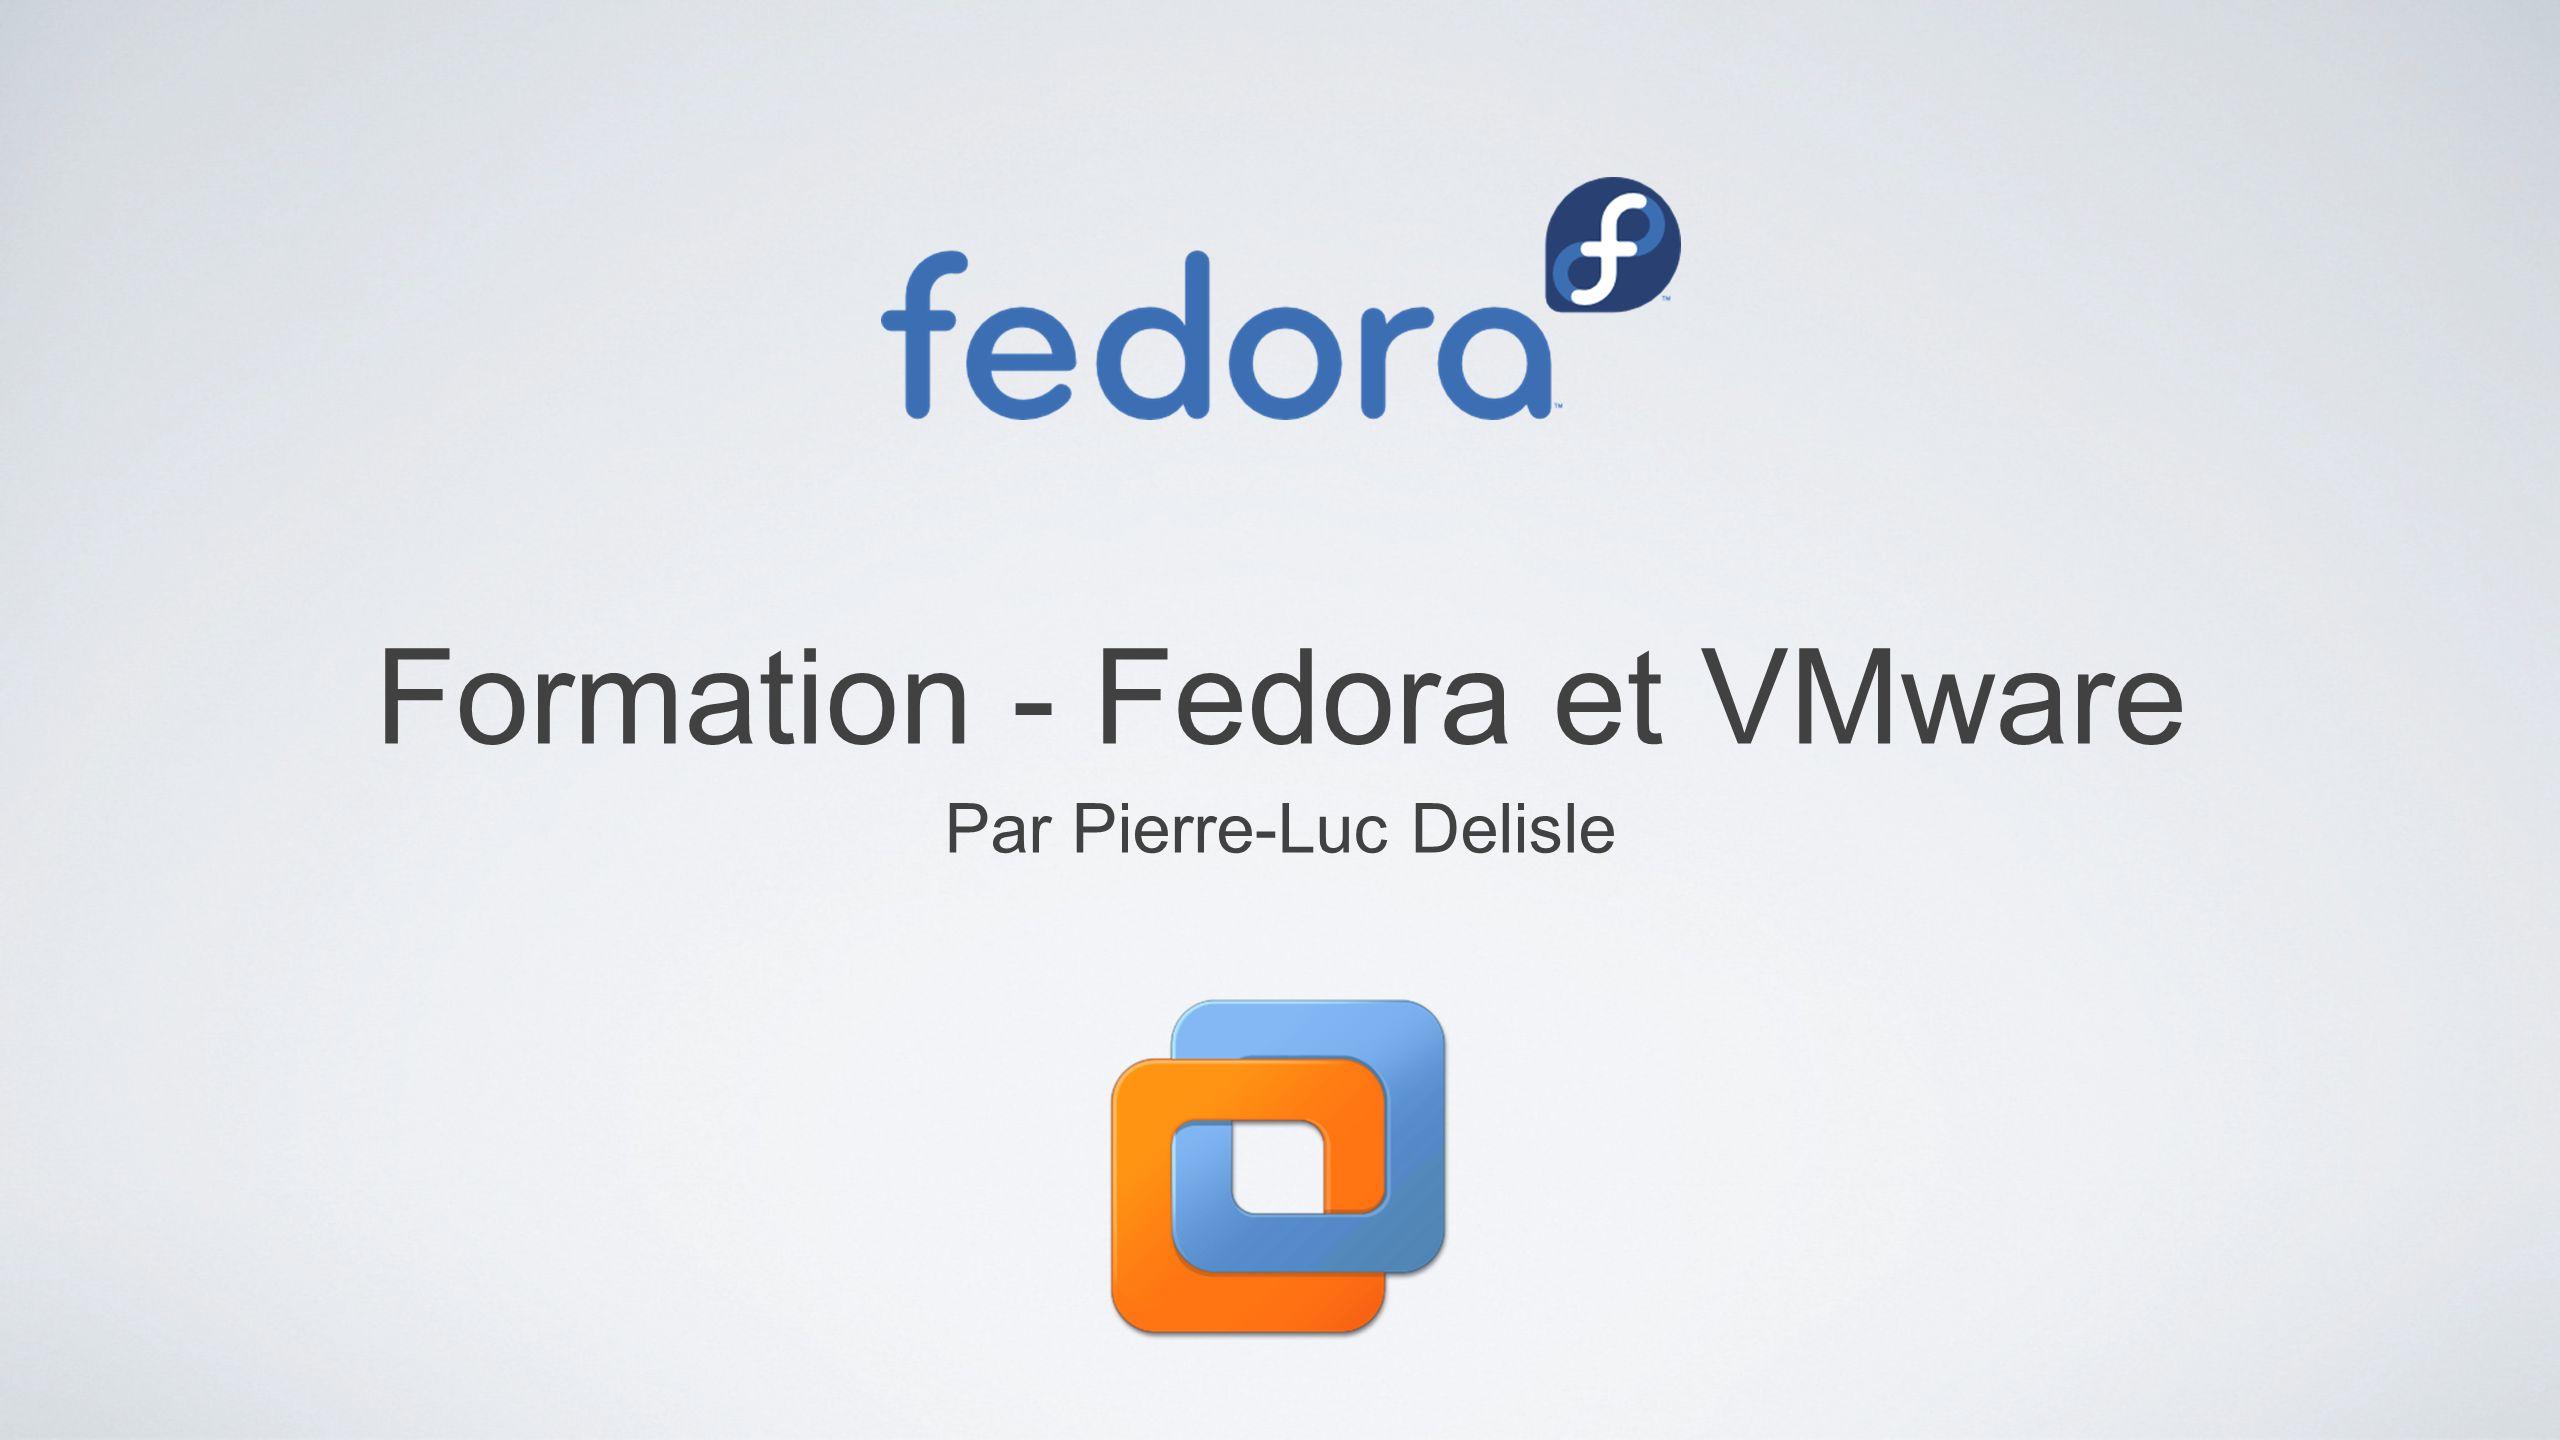 Formation - Fedora et VMware Par Pierre-Luc Delisle